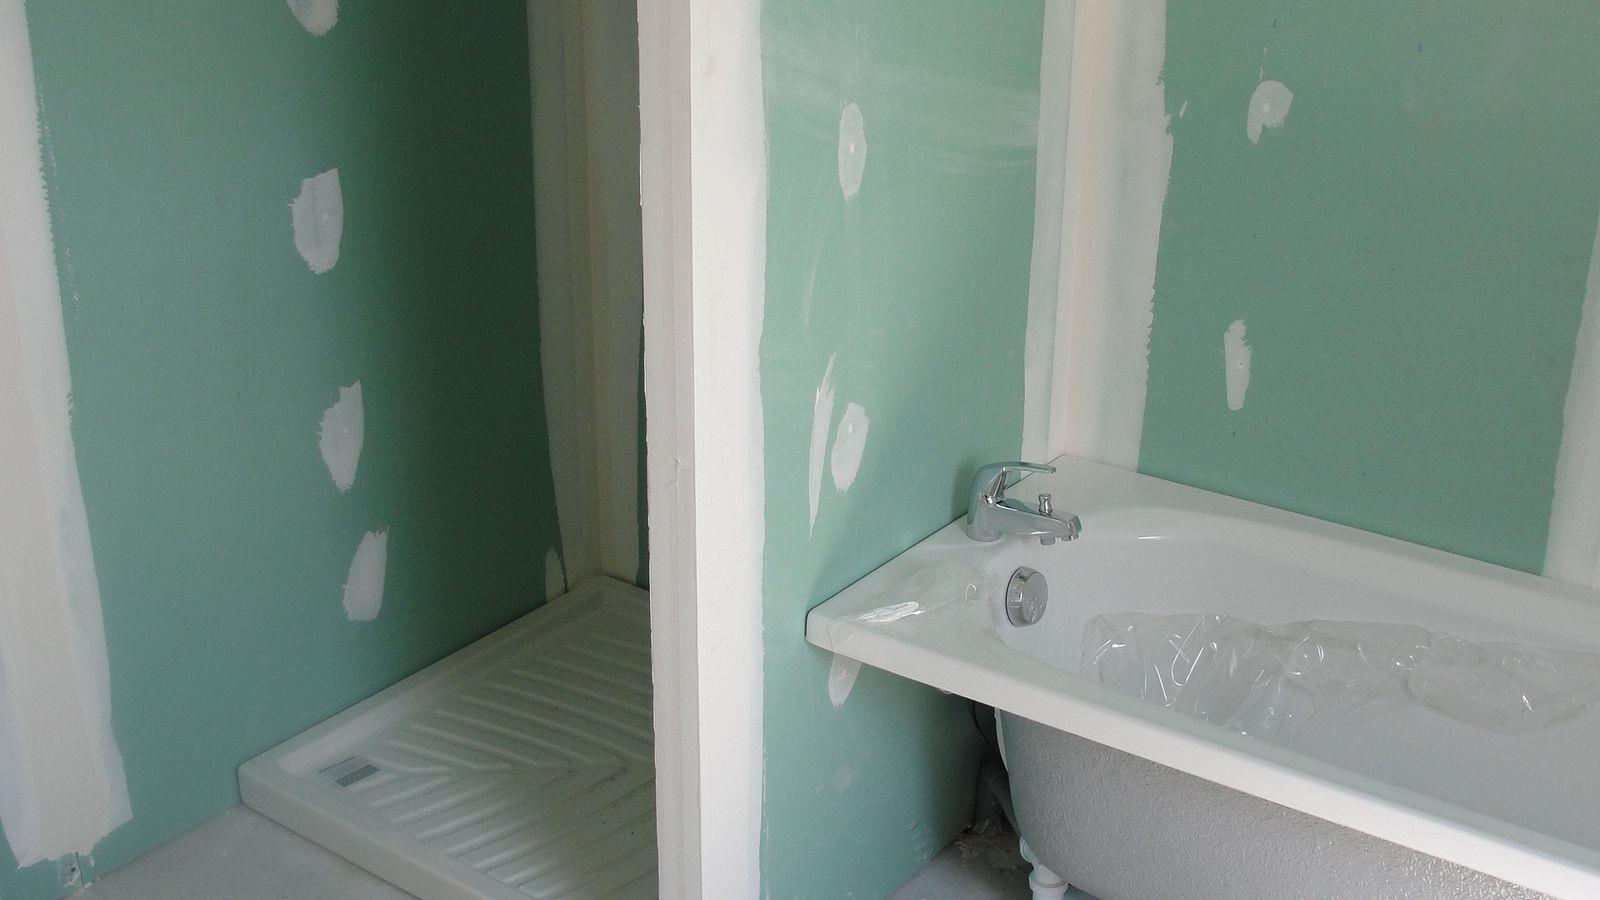 Salle de bain notre chantier avec le constructeur cdr for Articles de salle de bain